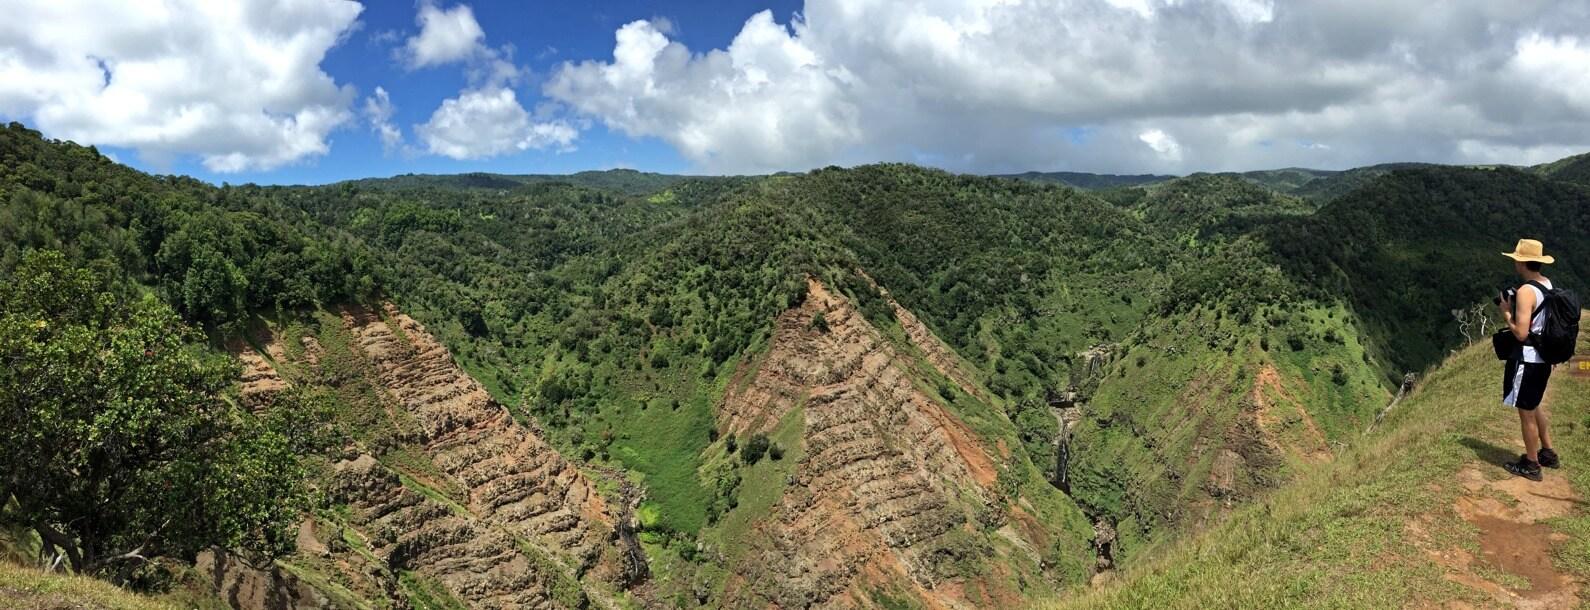 Poomau Canyon Lookout, Kauai